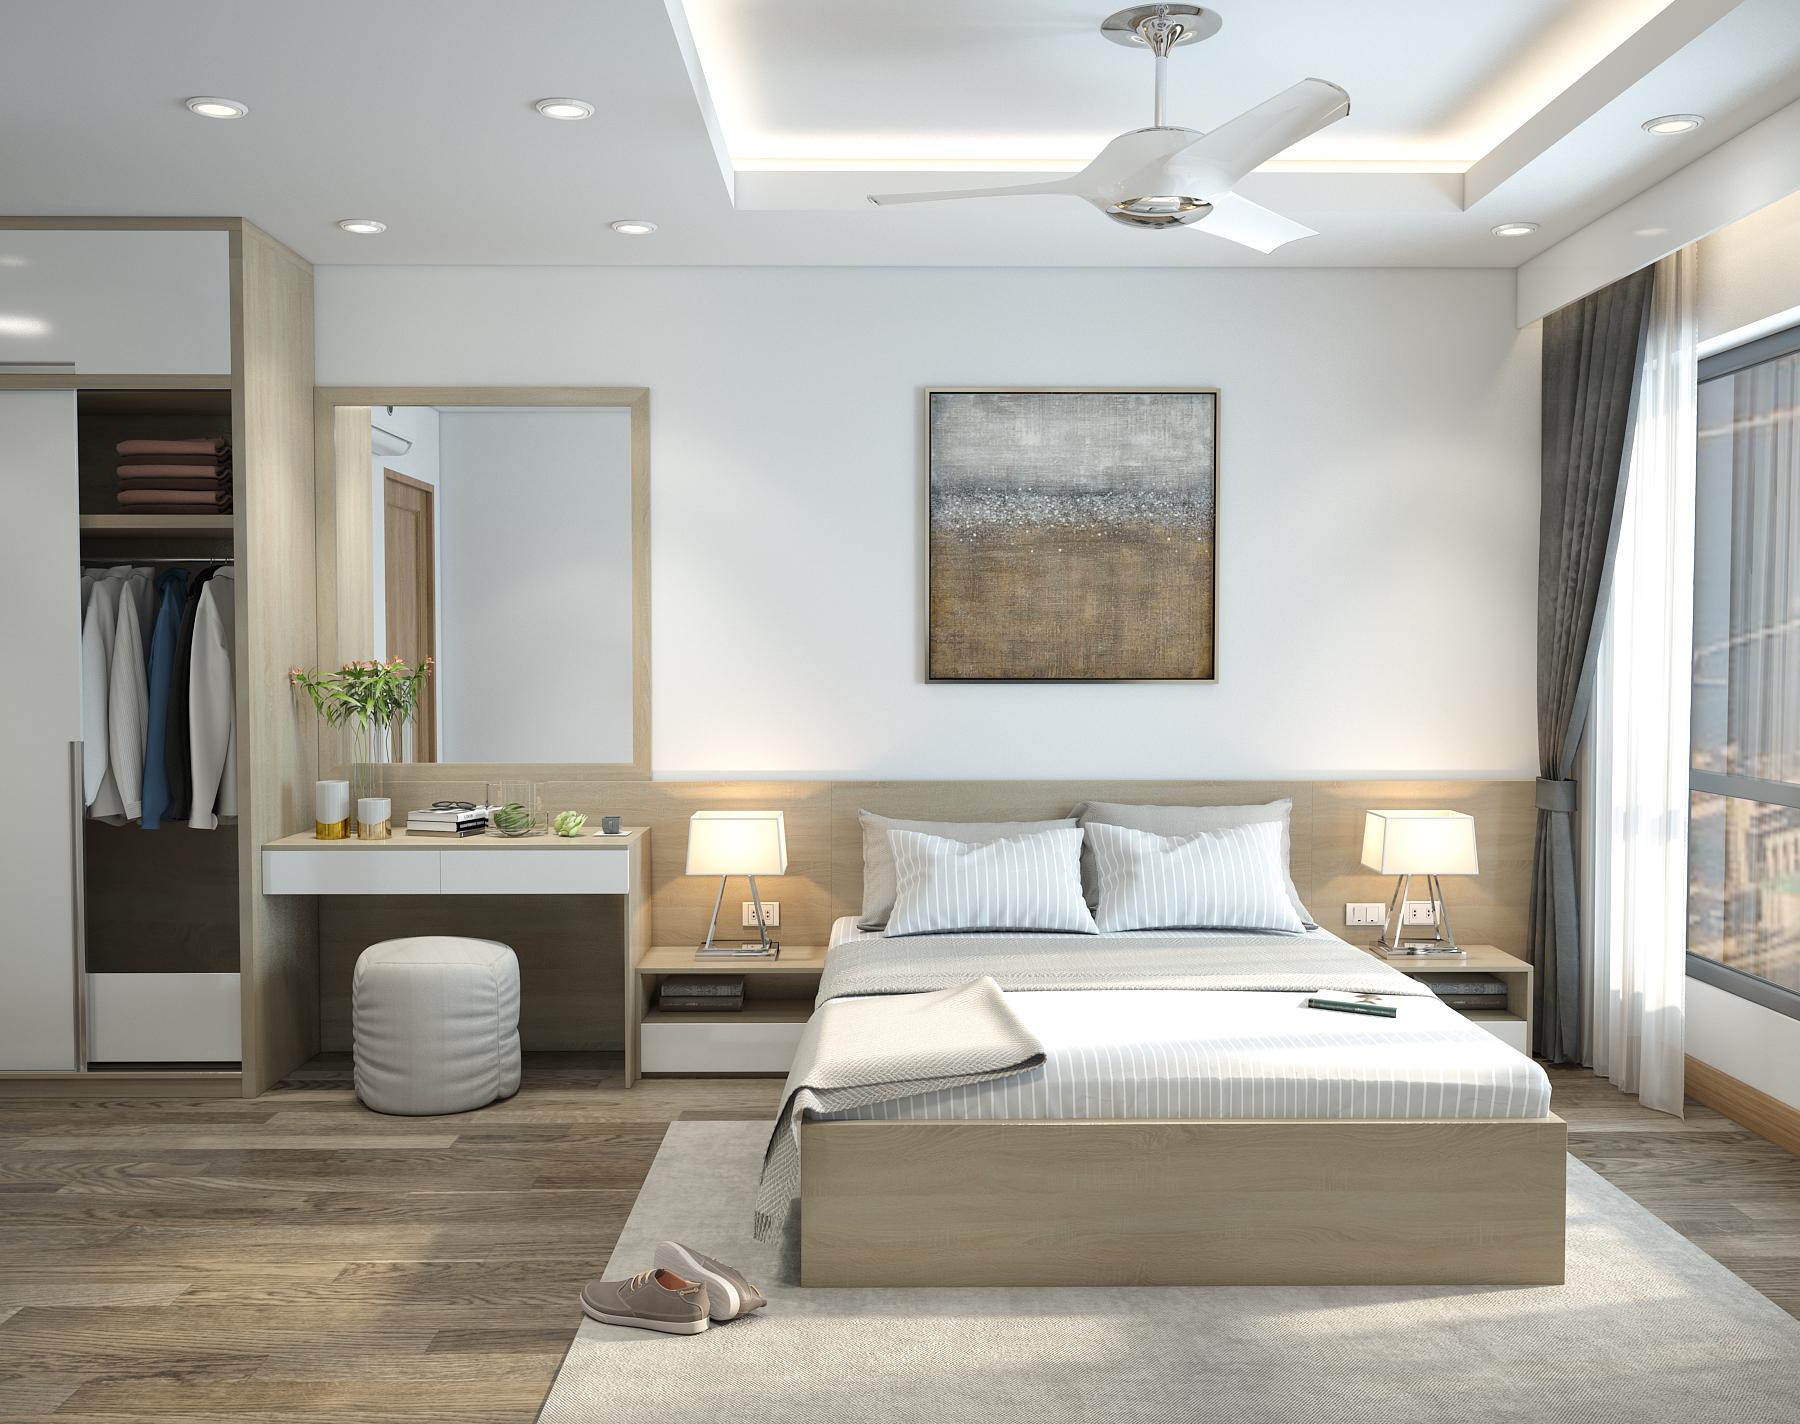 thiết kế nội thất chung cư tại Hà Nội Chung Cư An Bình City 23 1538039763